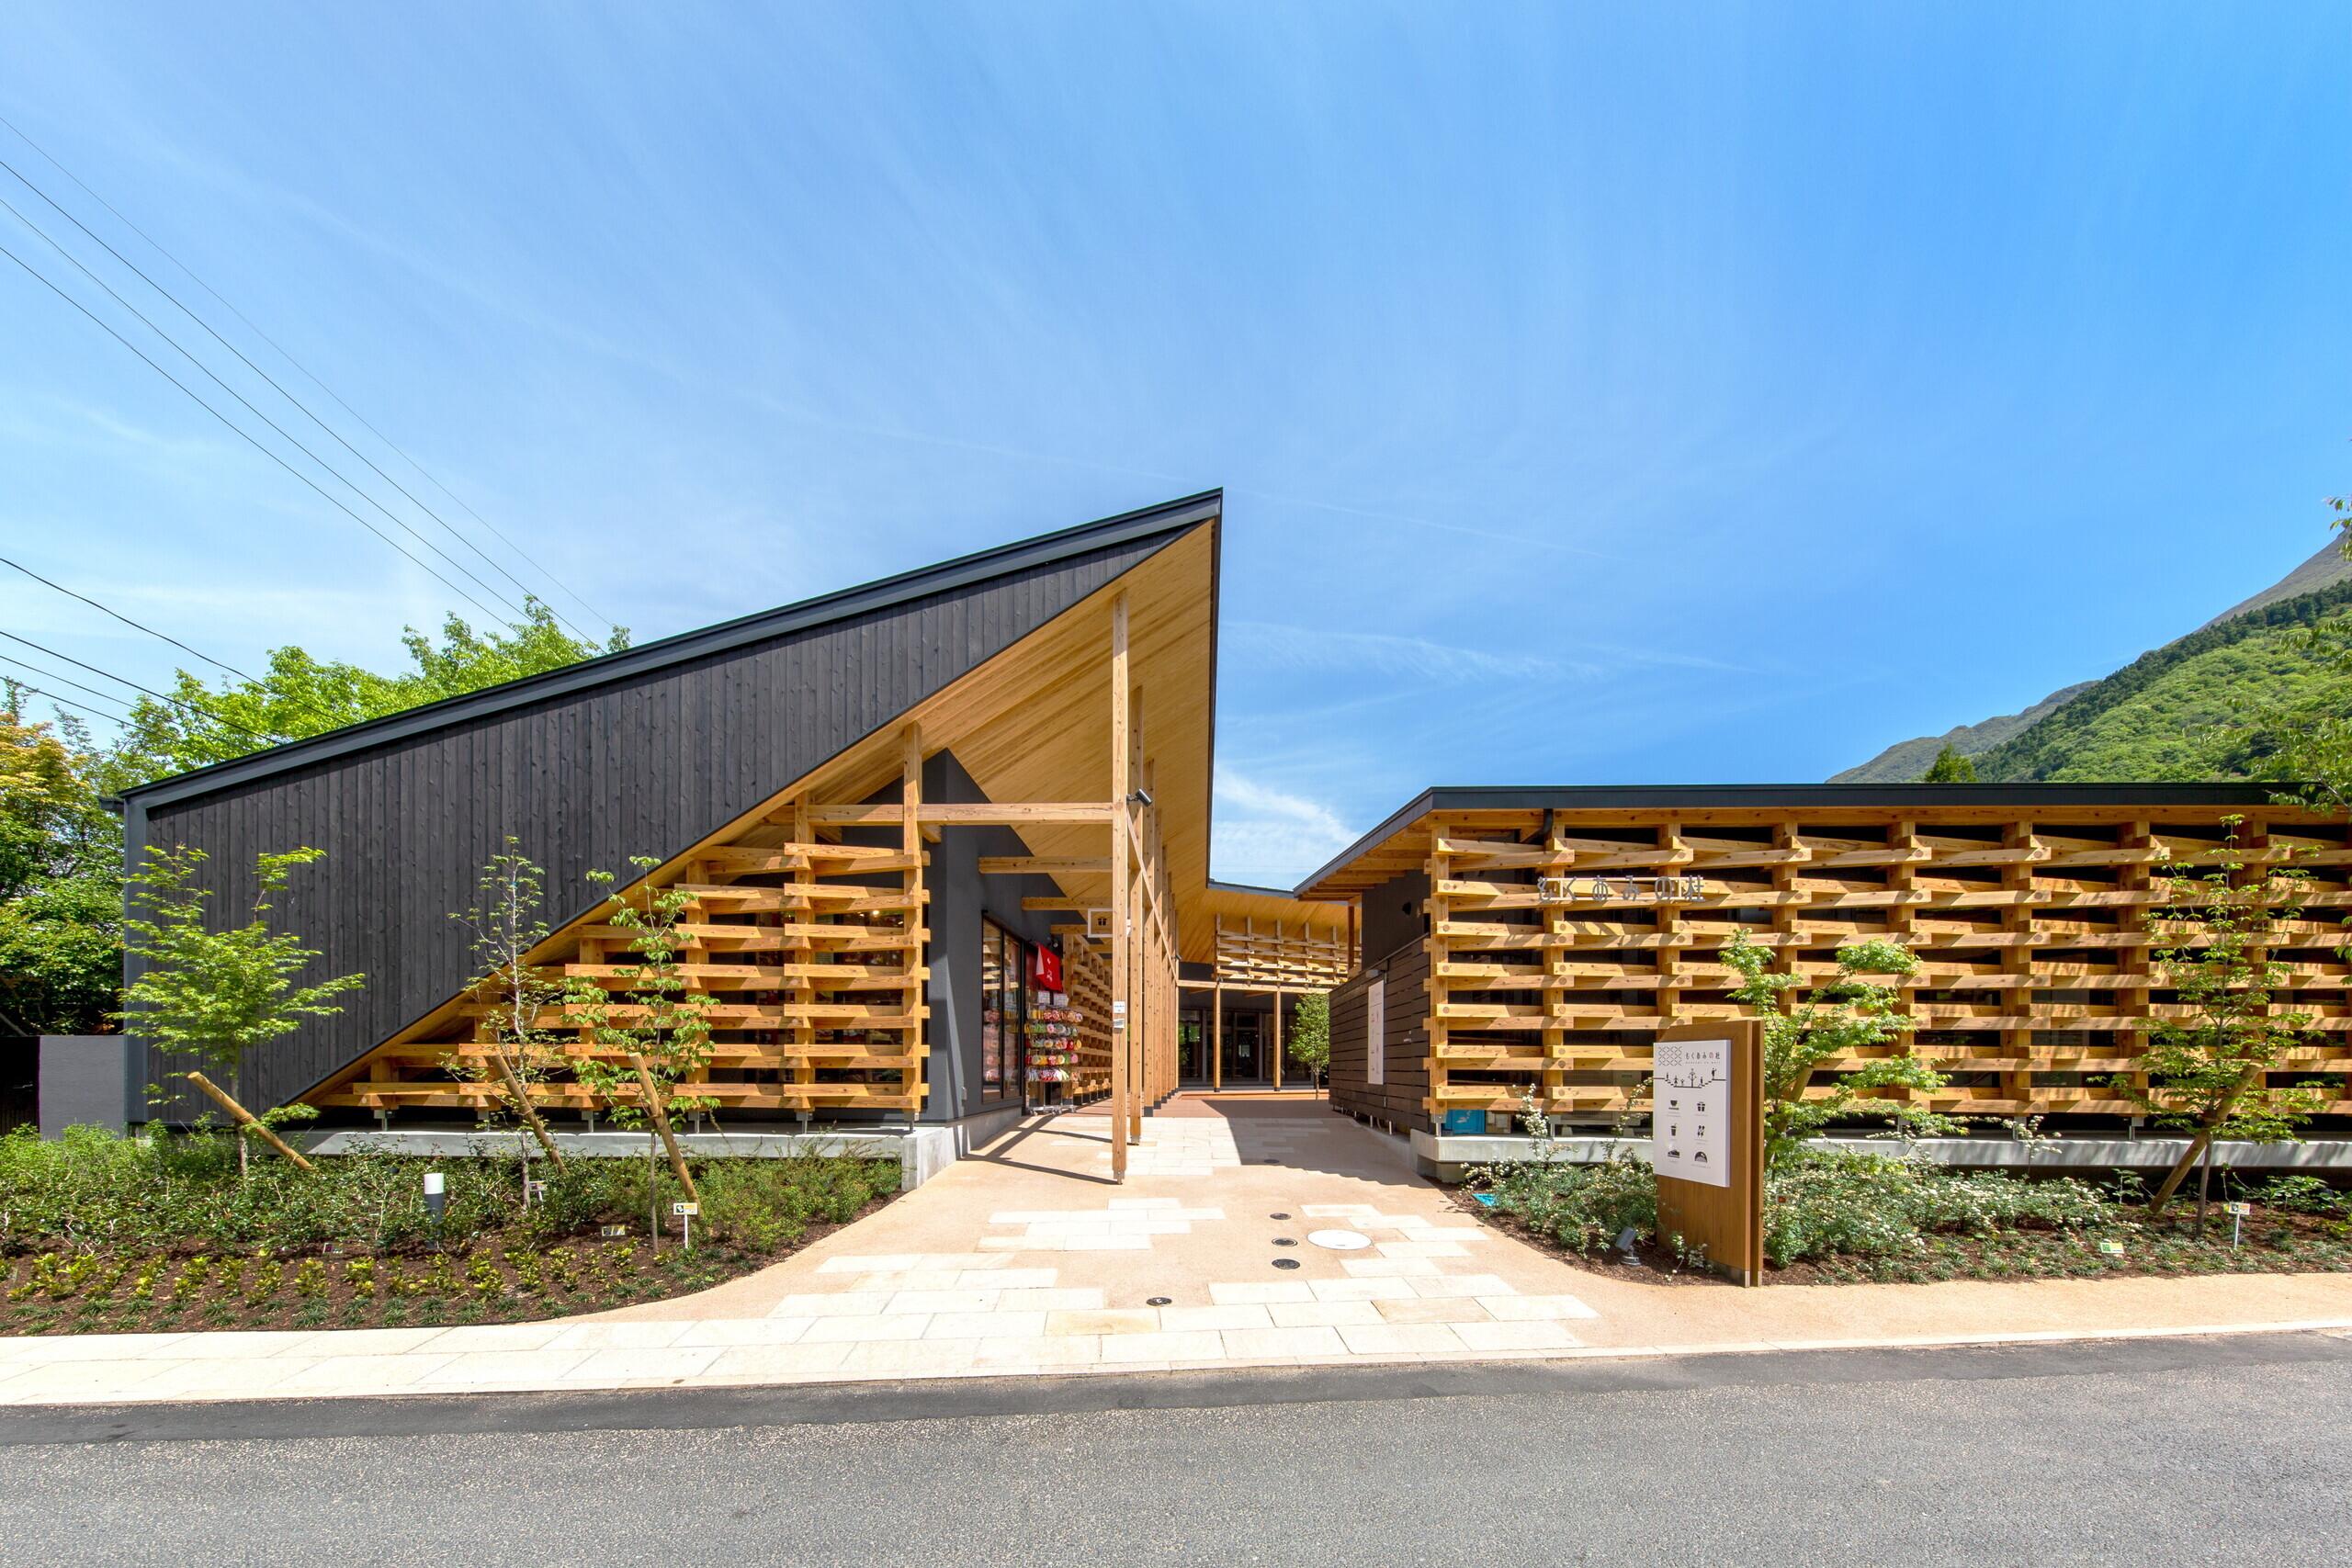 木造テナント施設「もくあみの杜」の建築事例写真